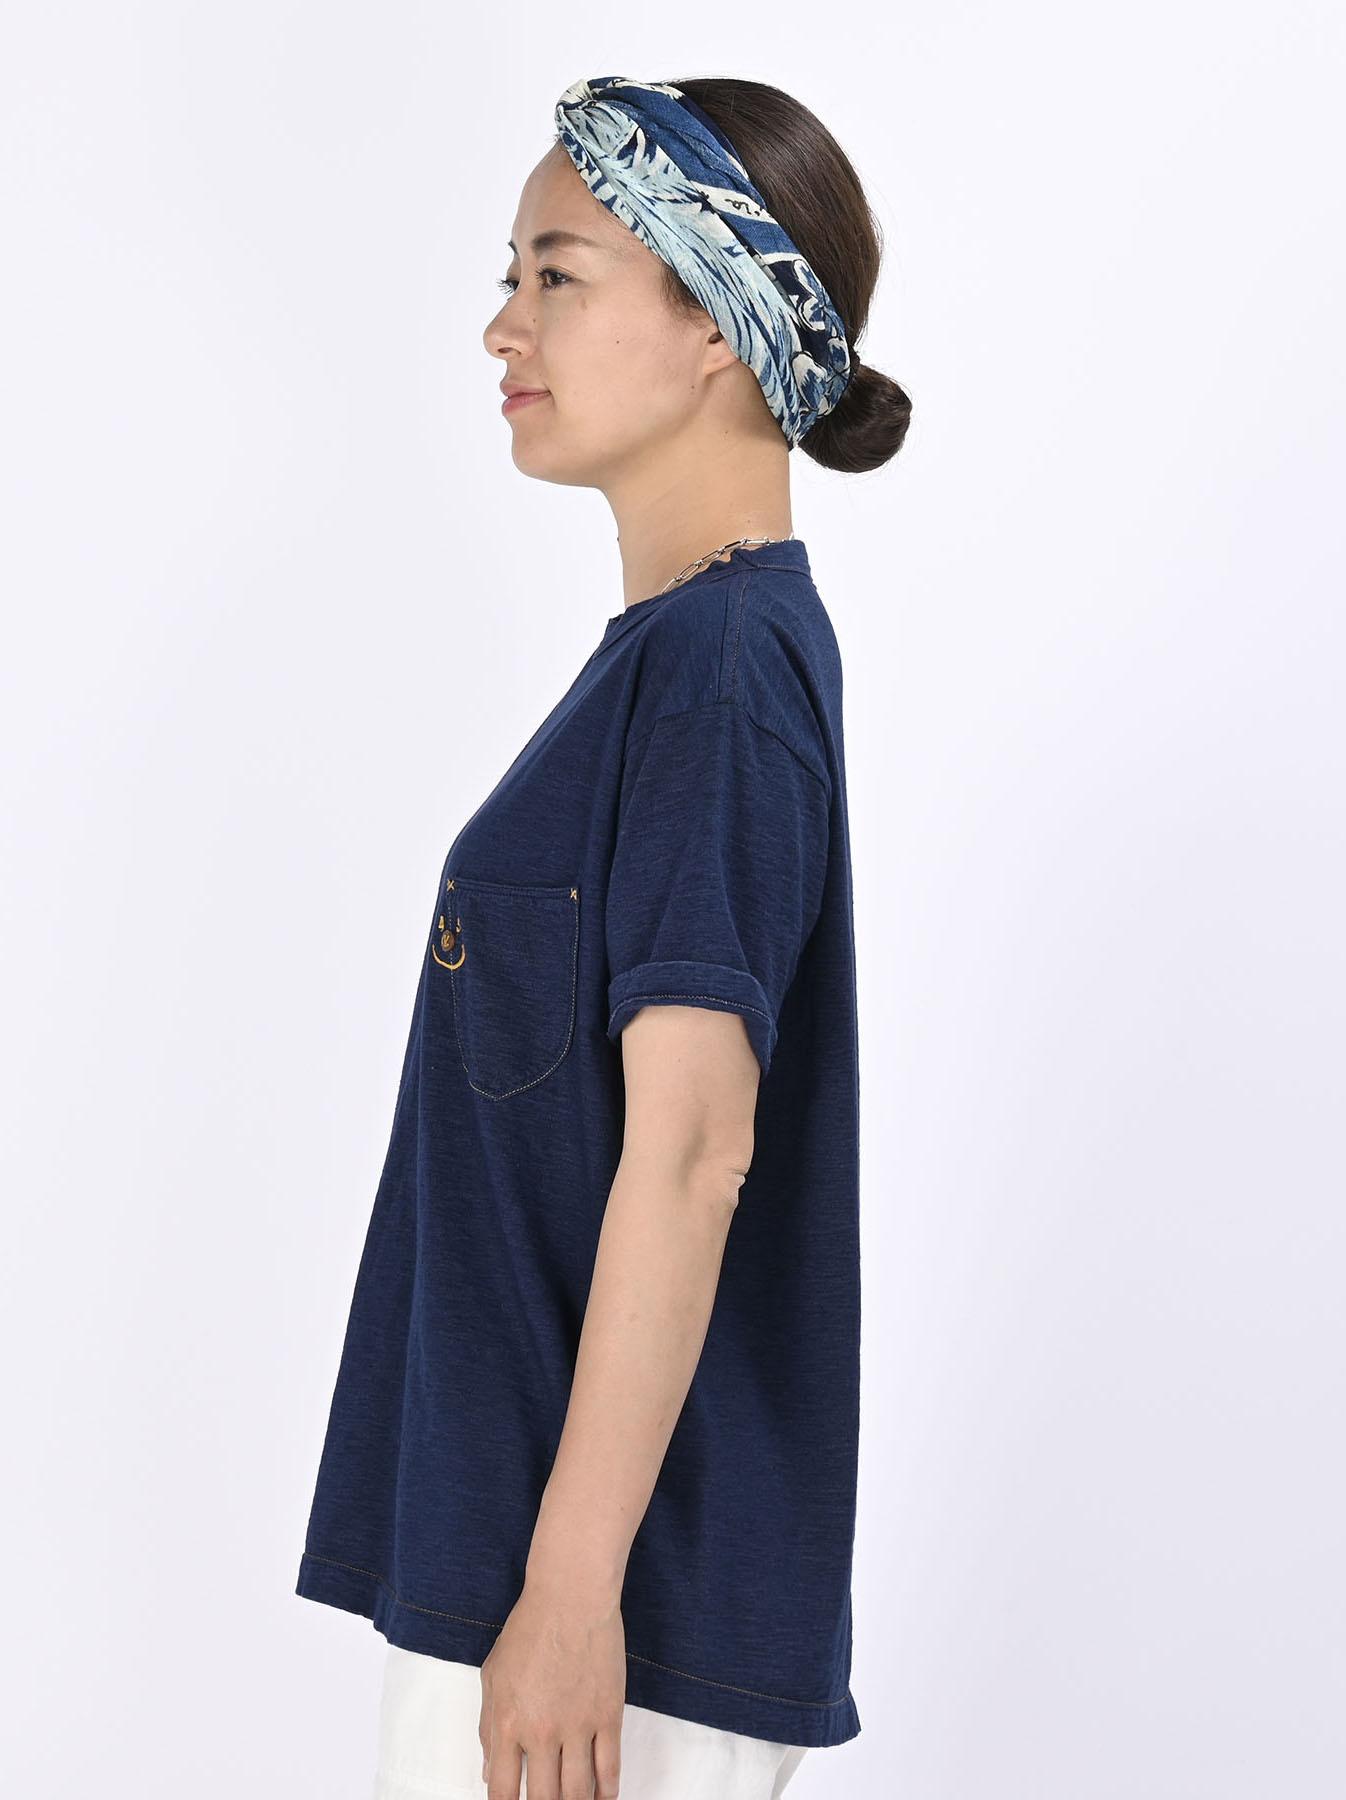 Indigo Smile R Embroidery 908 Ocean T-shirt (0621)-4